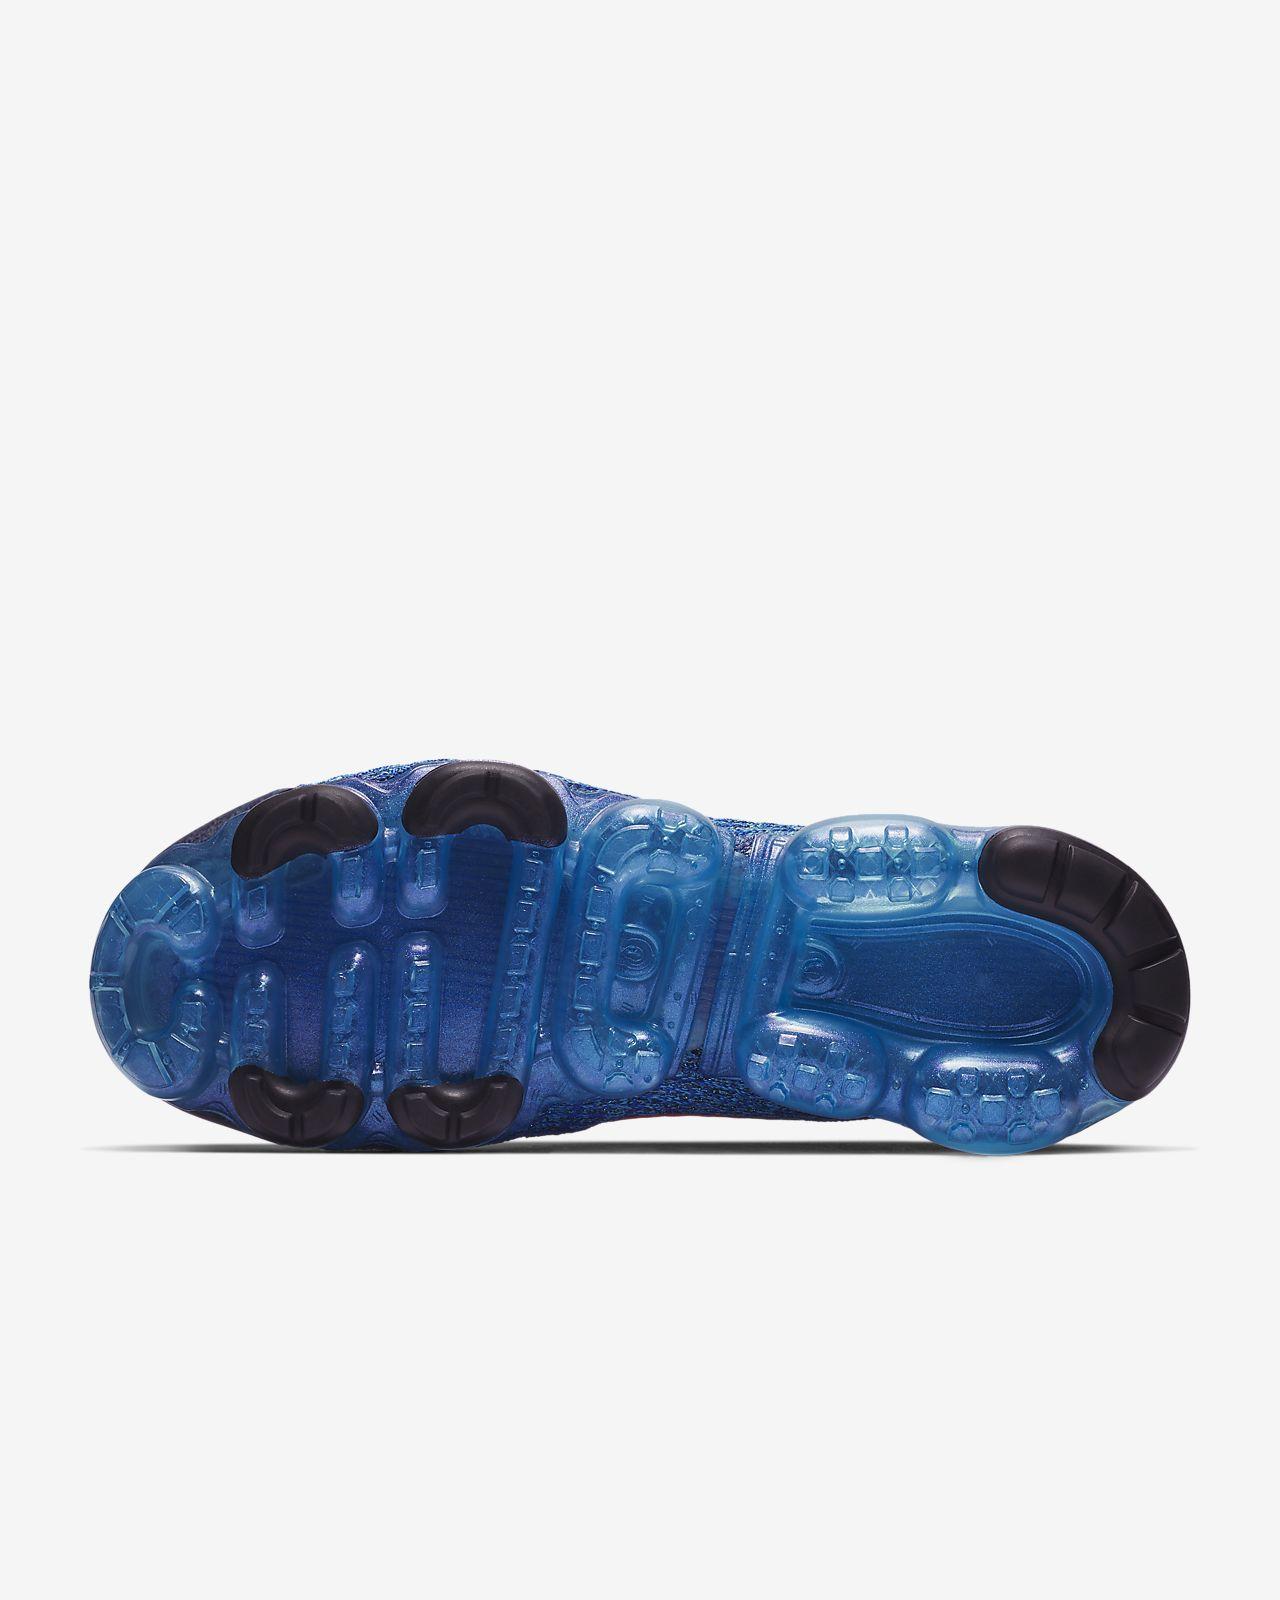 e55df4a054b0 Nike Air VaporMax Flyknit 3 Men s Shoe. Nike.com GB